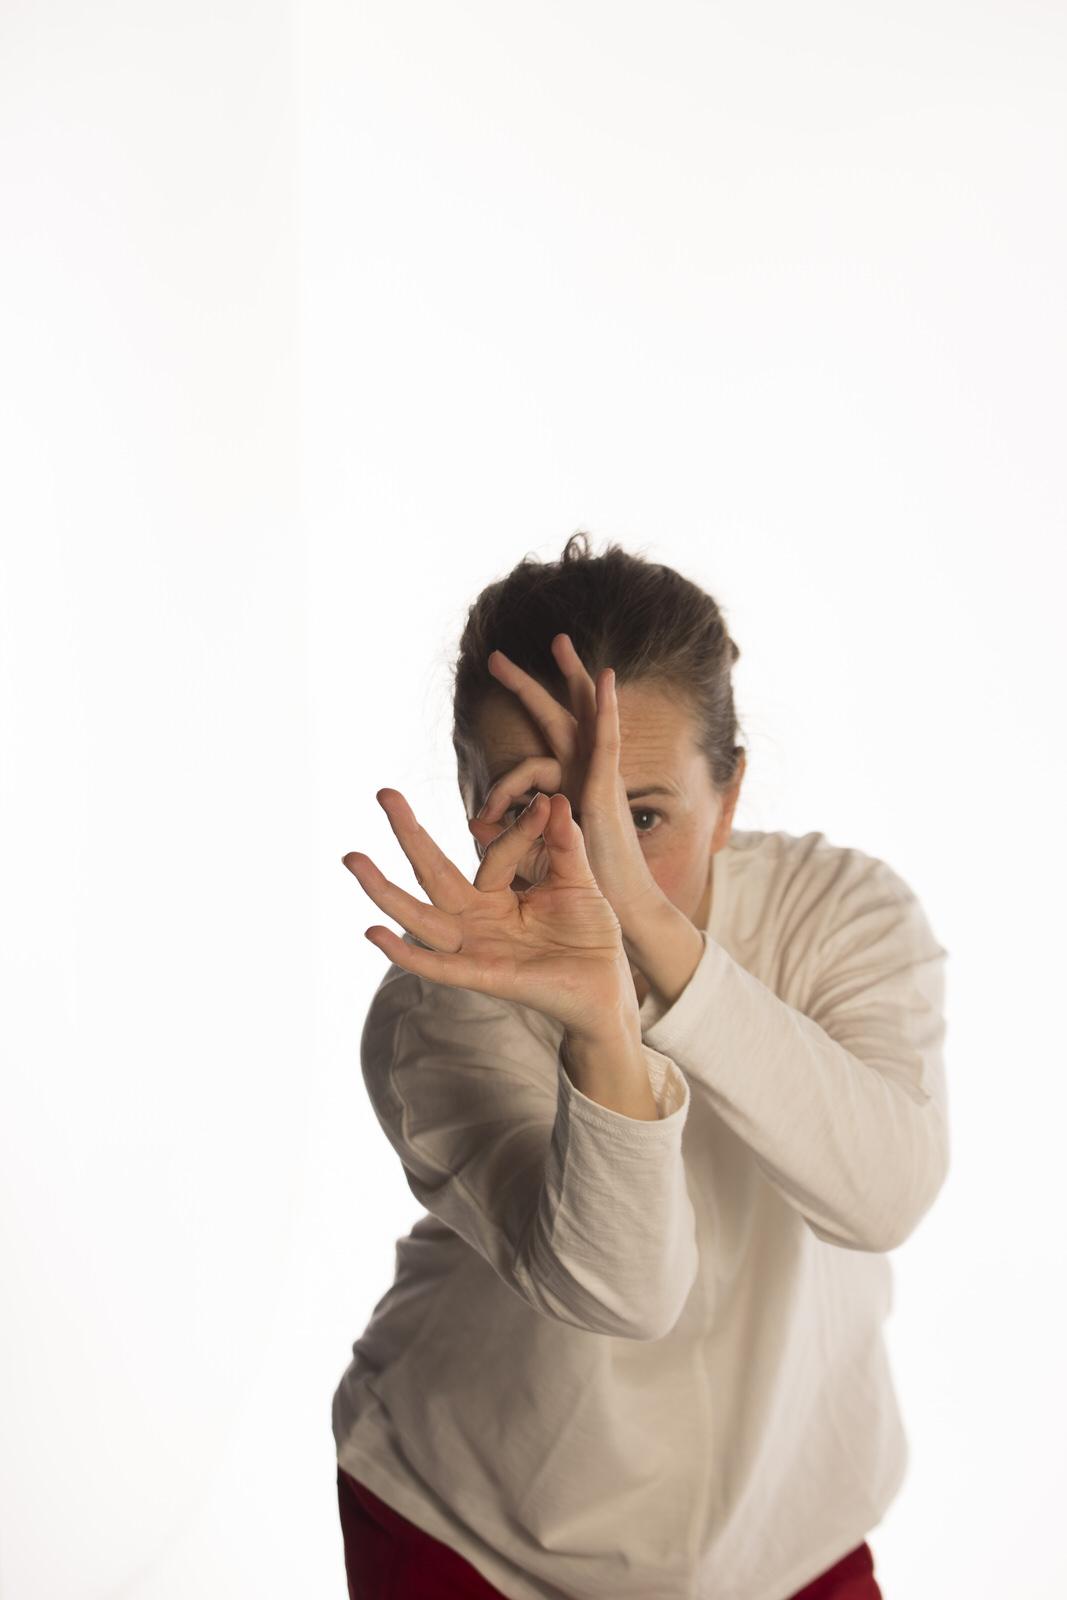 paula-turner-dance-artist-4.jpg